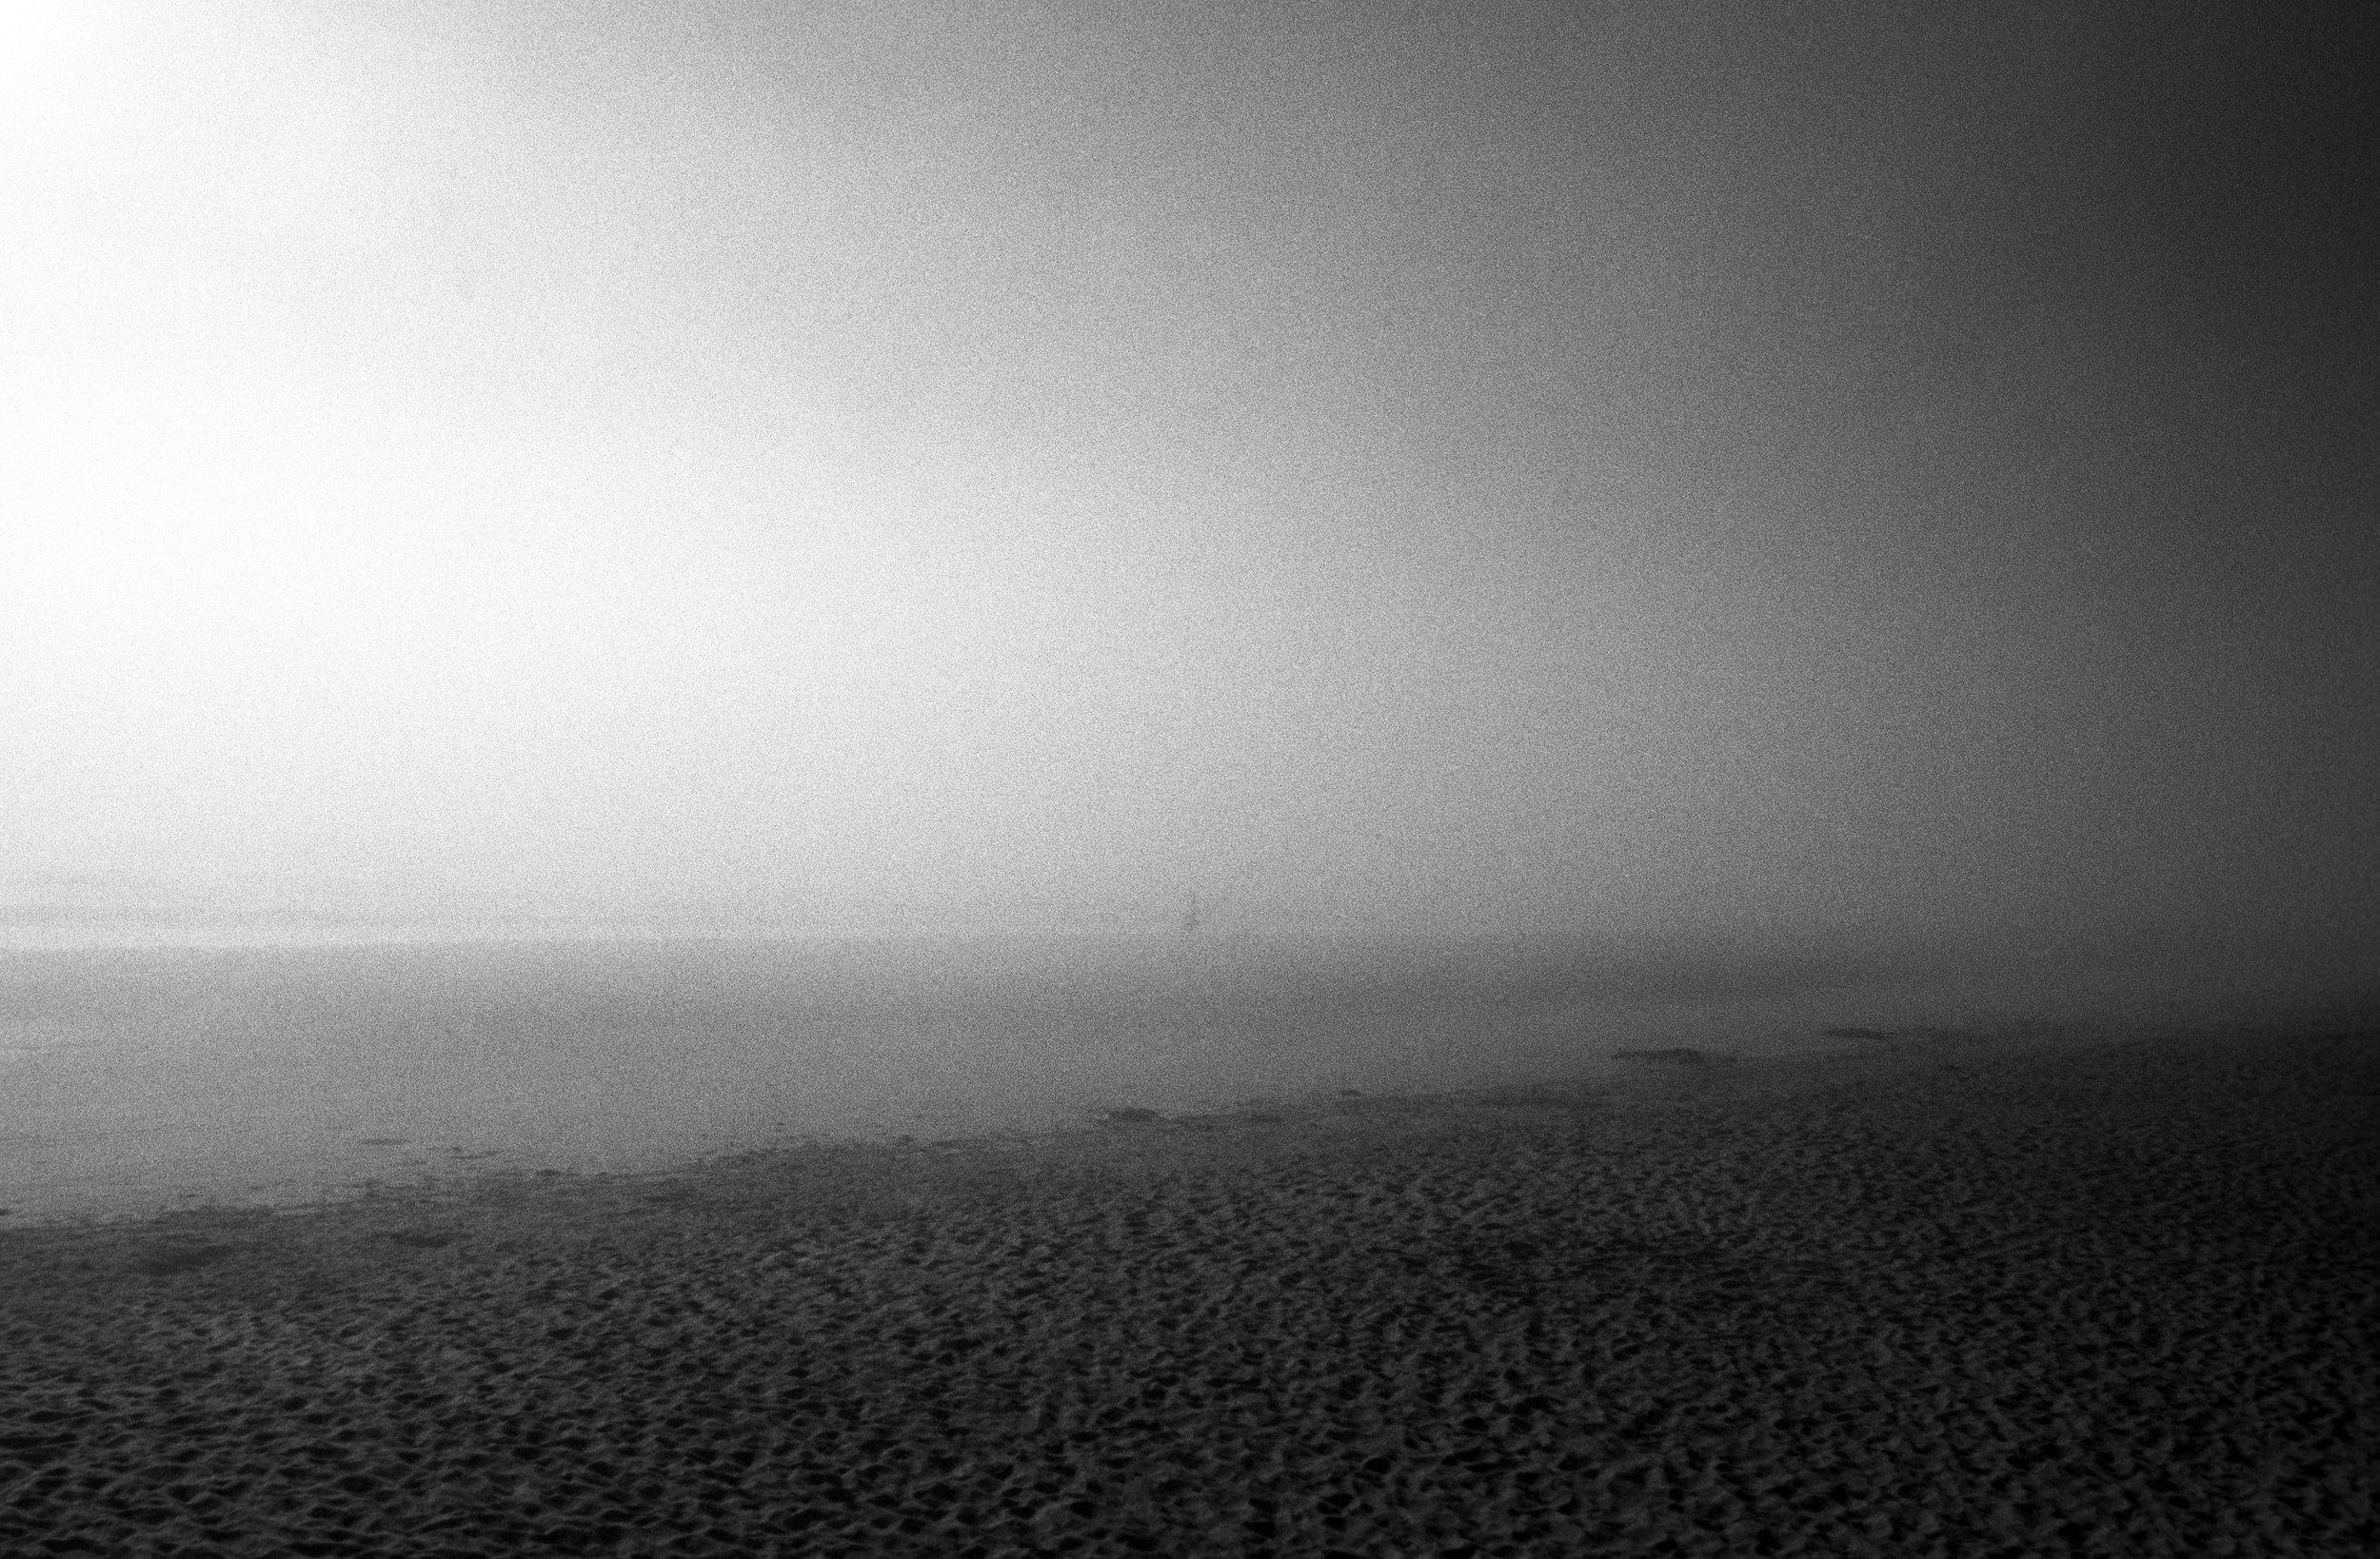 Beach-murk4_BW.jpg